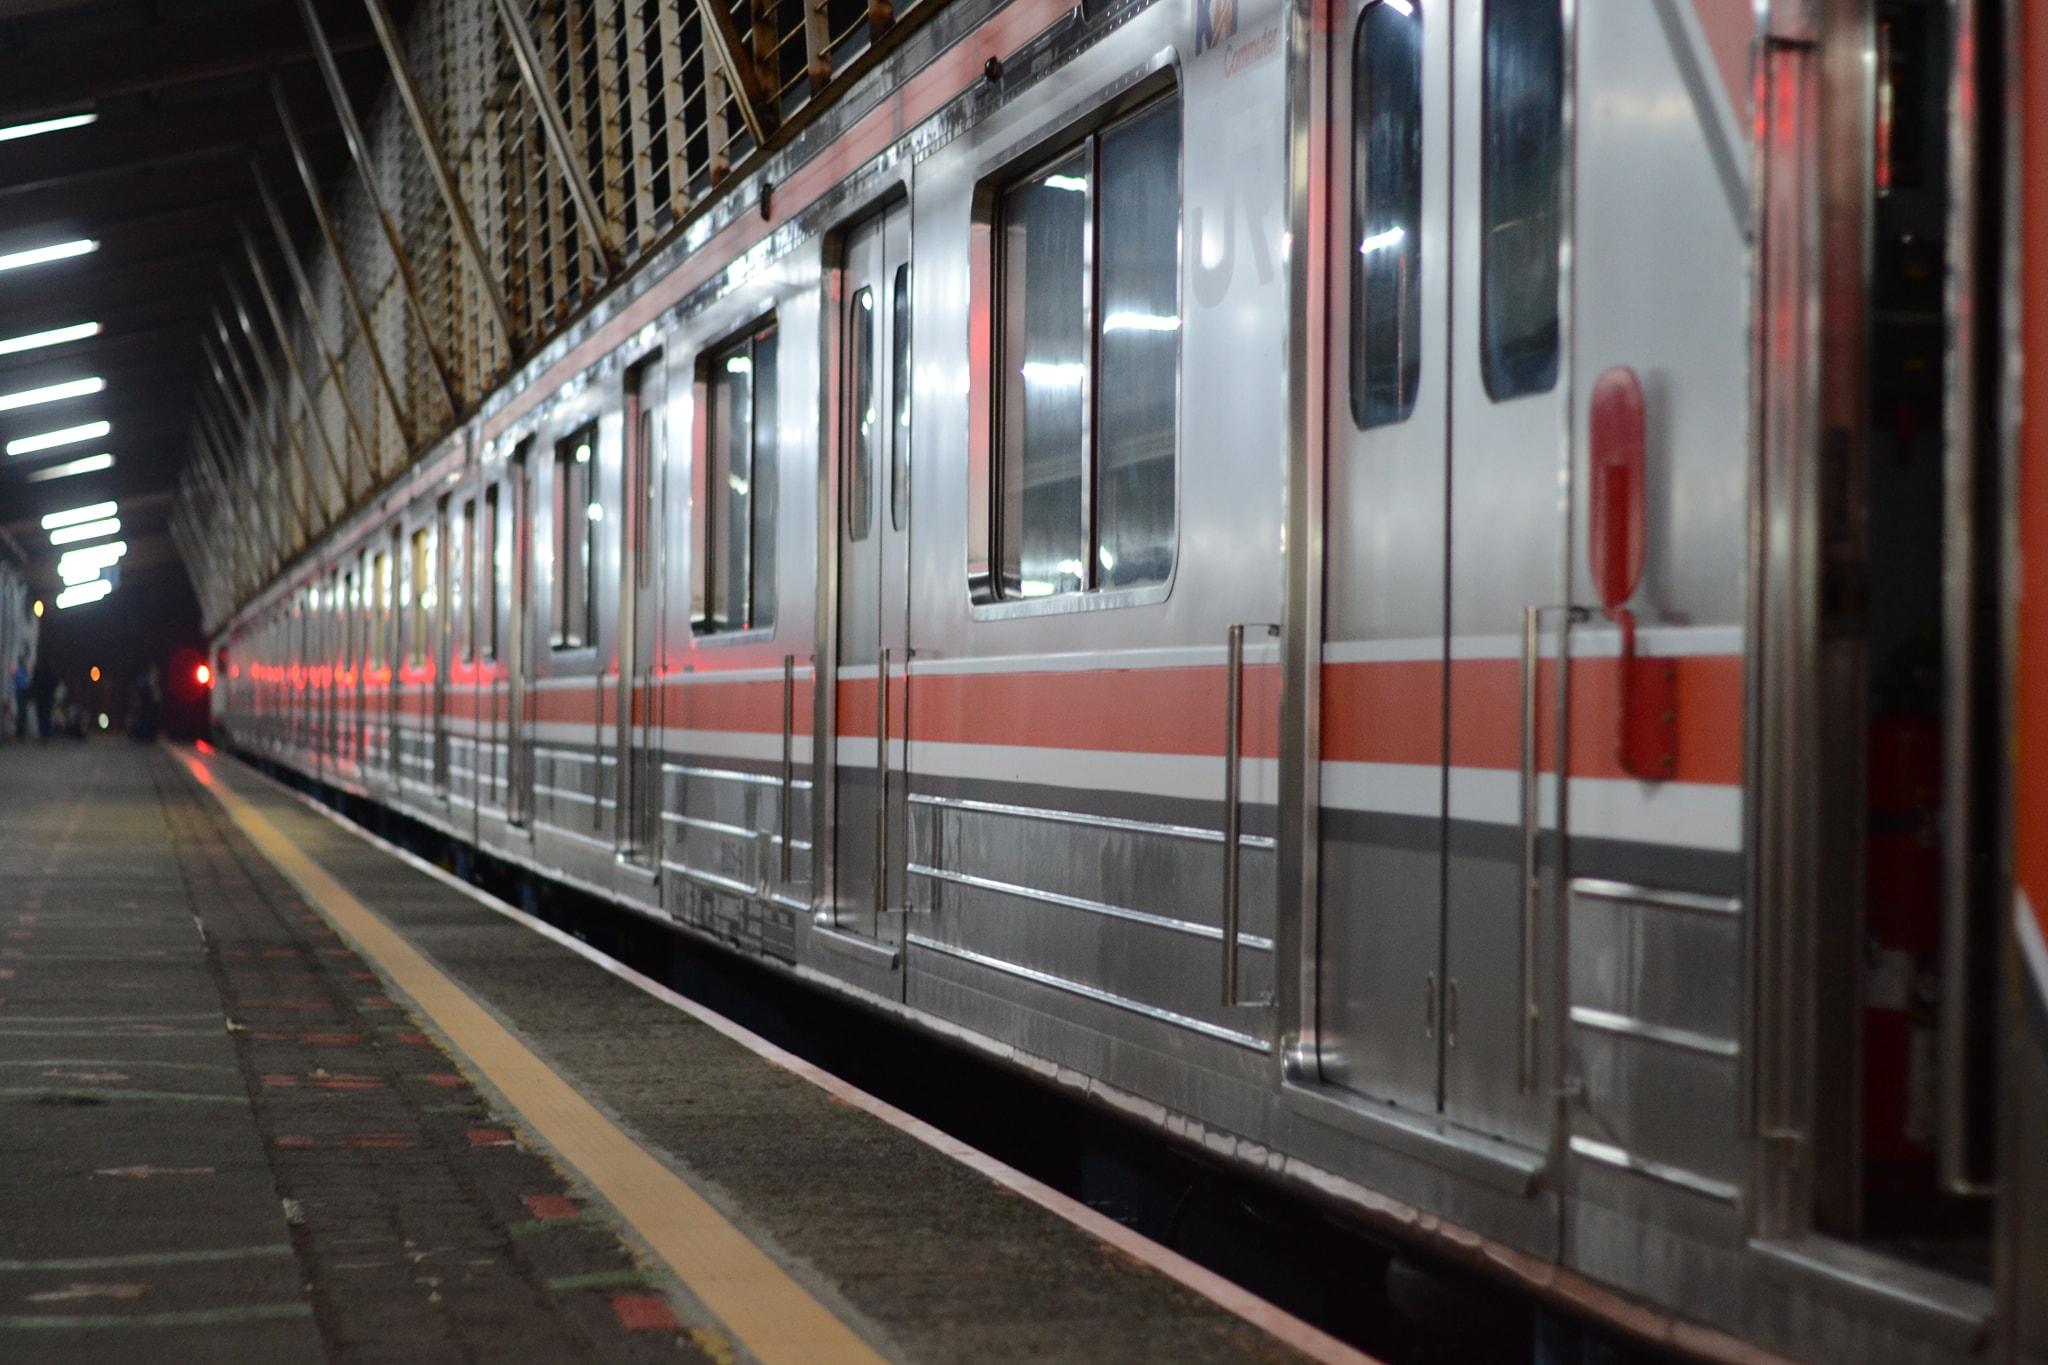 Tampak samping KRL seri 205 rangkaian SLO9 saat di jalur 1 Stasiun Depok